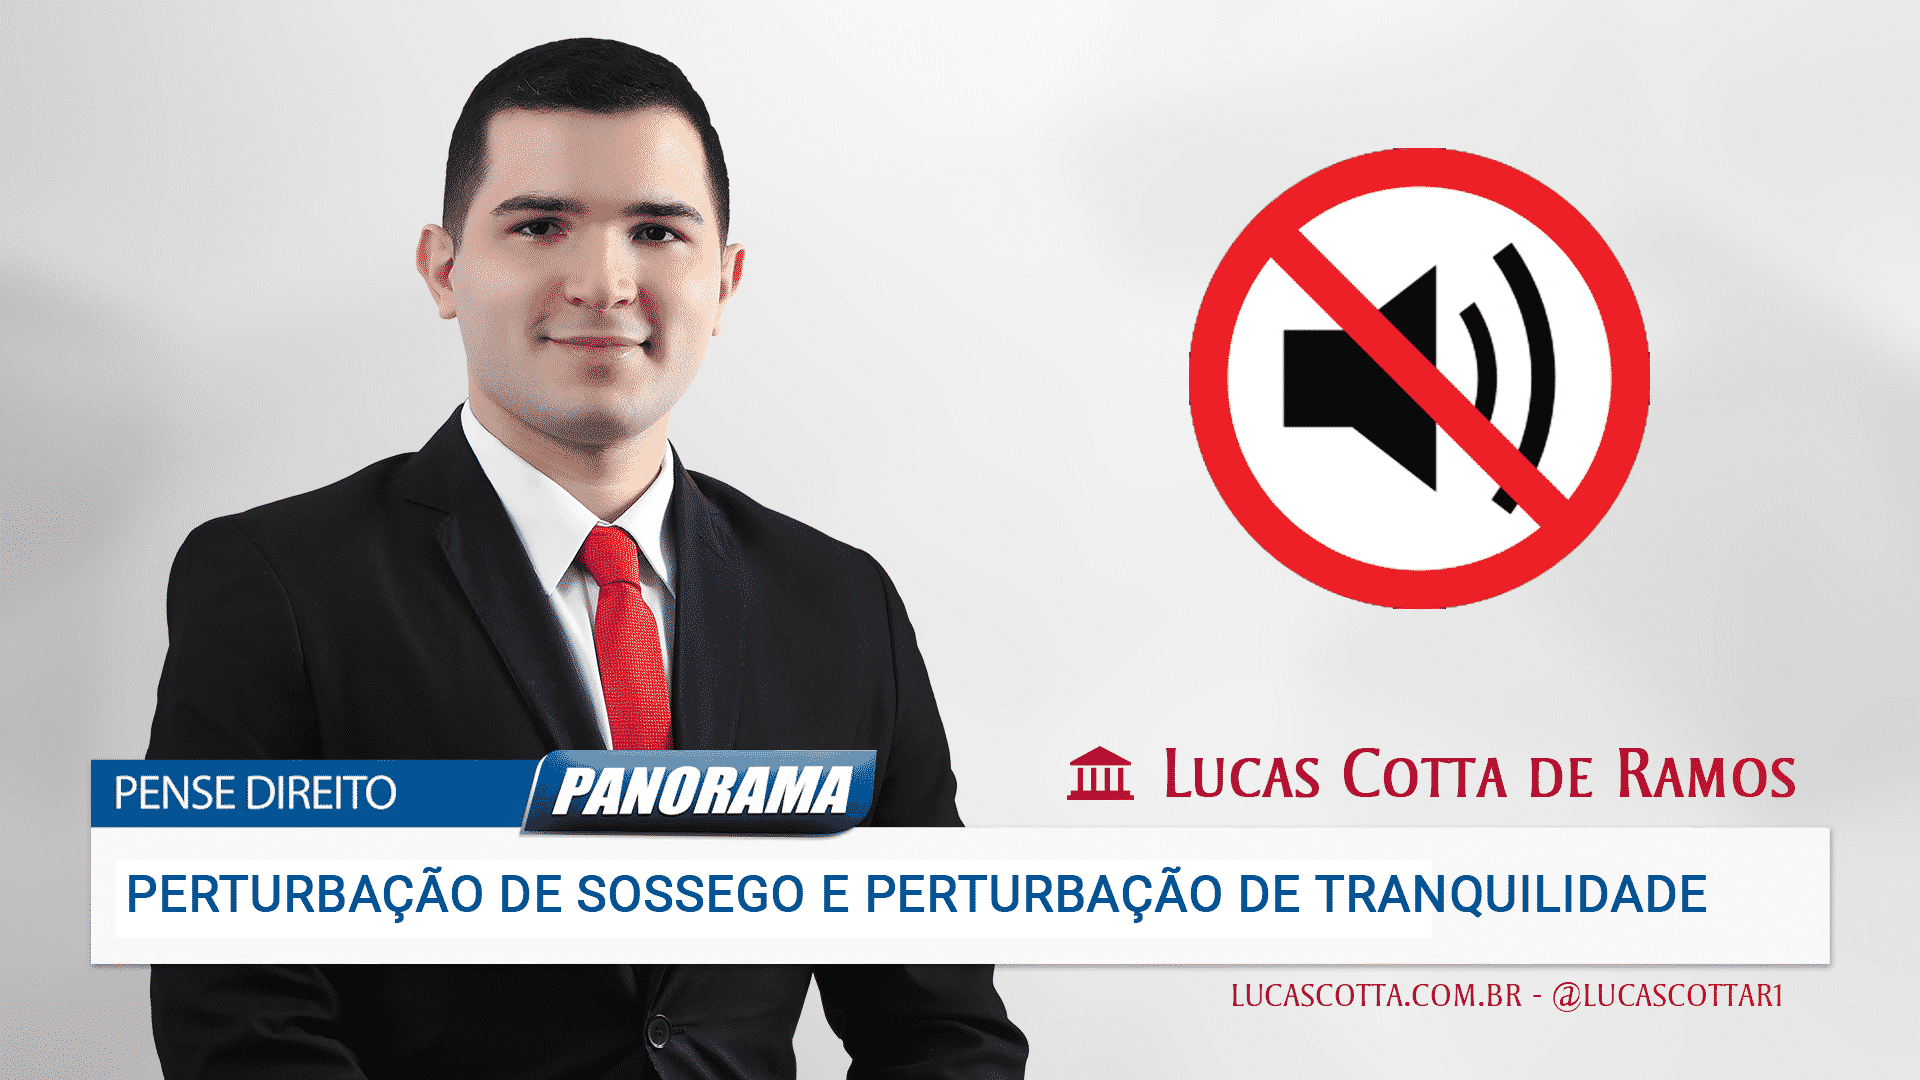 You are currently viewing Perturbação de sossego e perturbação de tranquilidade